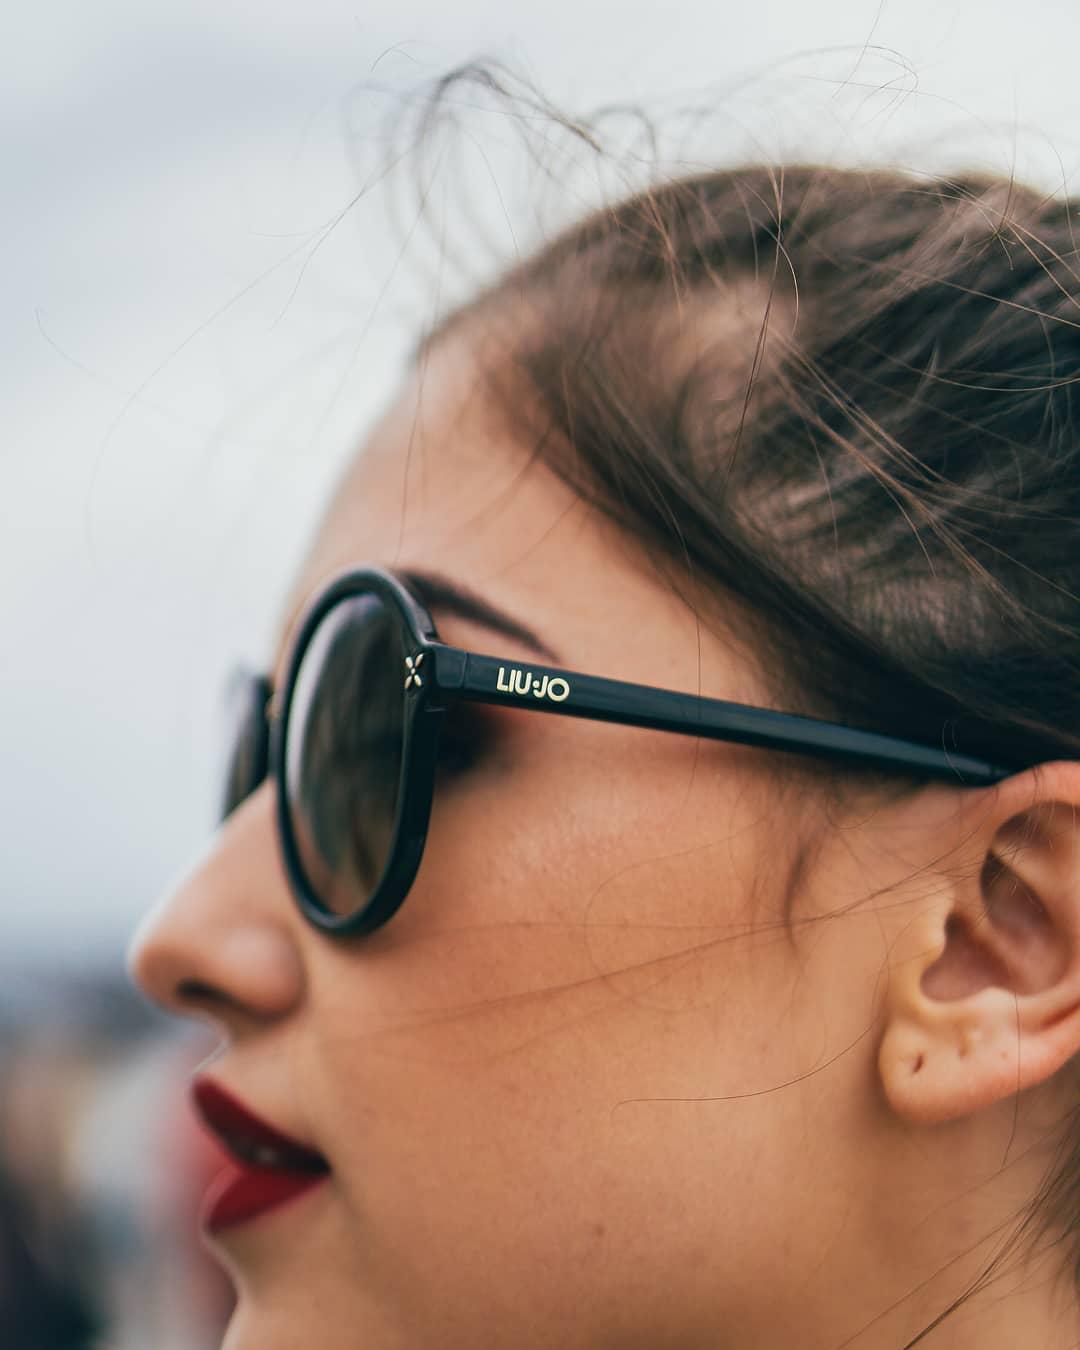 Sluneční brýle #LiuJo díky jemným detailům a elegantním tvarům zvýrazní přirozenou ženskost a krásu v každé z vás  . . . . #sunglasses #fashiontip #slunecnibryle #vasecocky #dnesnosim